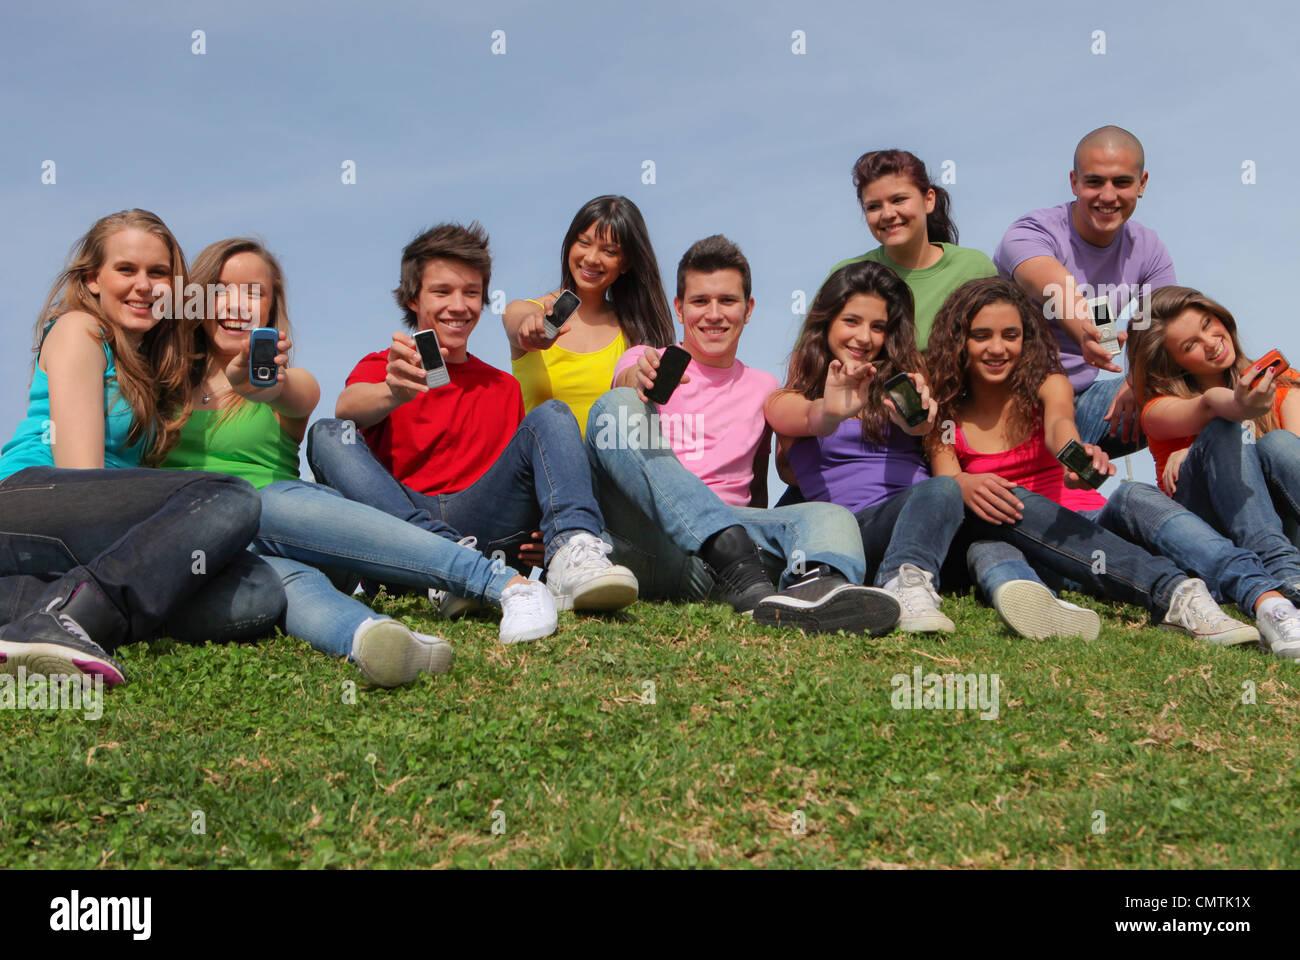 Heureux groupe d'adolescents avec un téléphone cellulaire Photo Stock